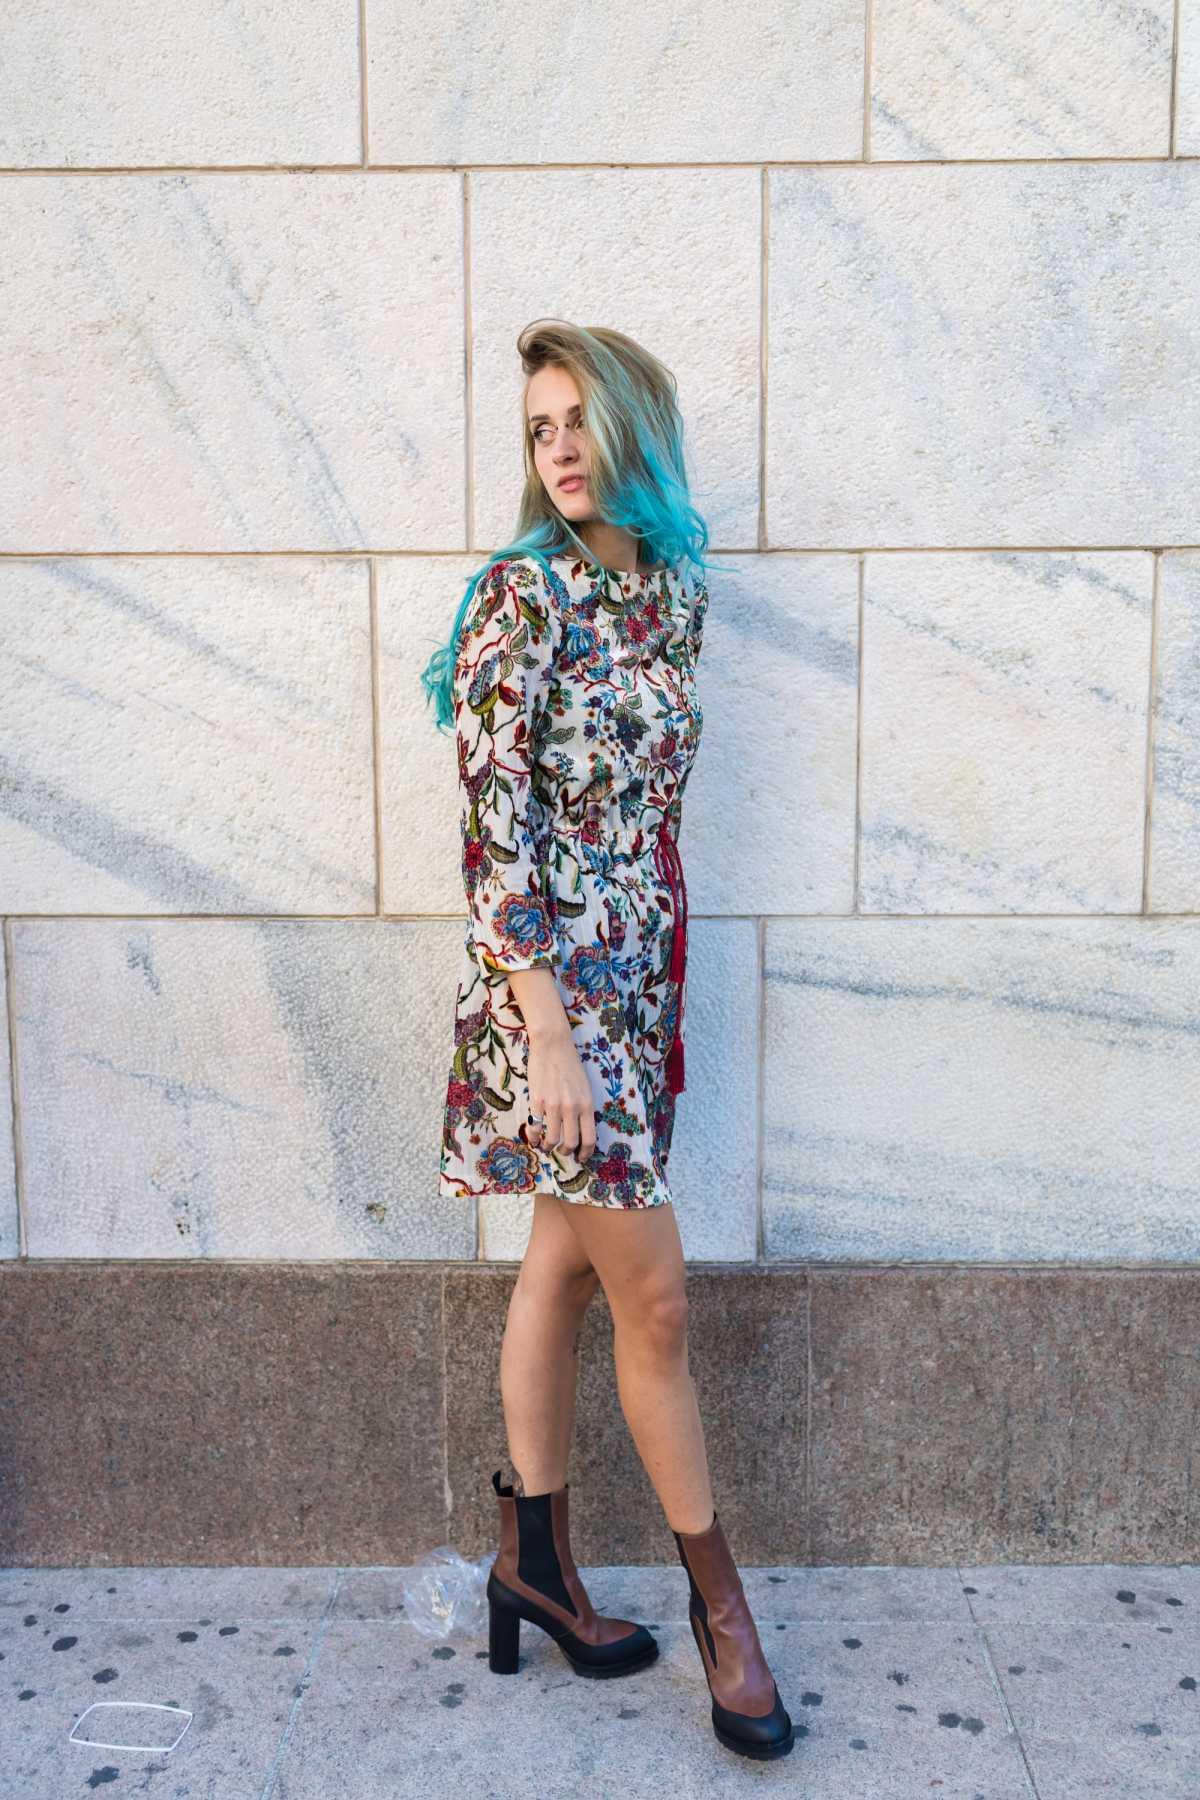 vestido com flores e bota